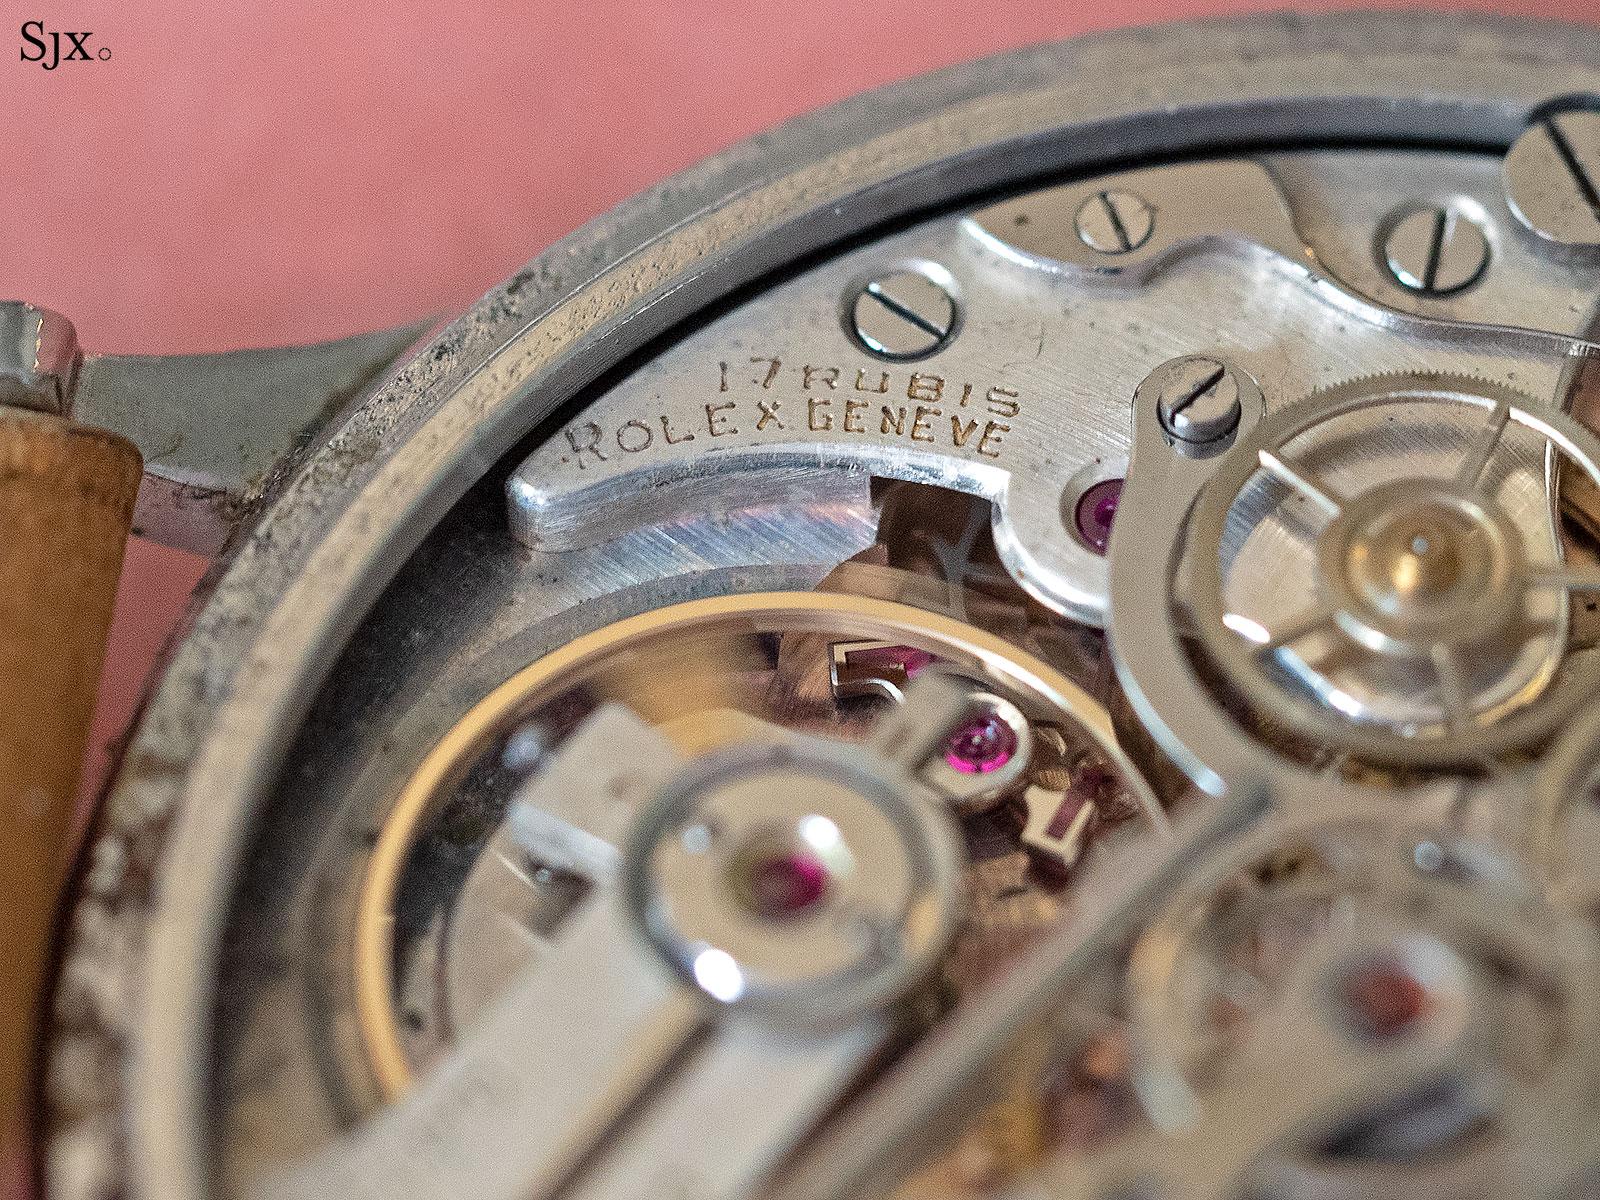 Rolex 4113 split seconds chronograph 17